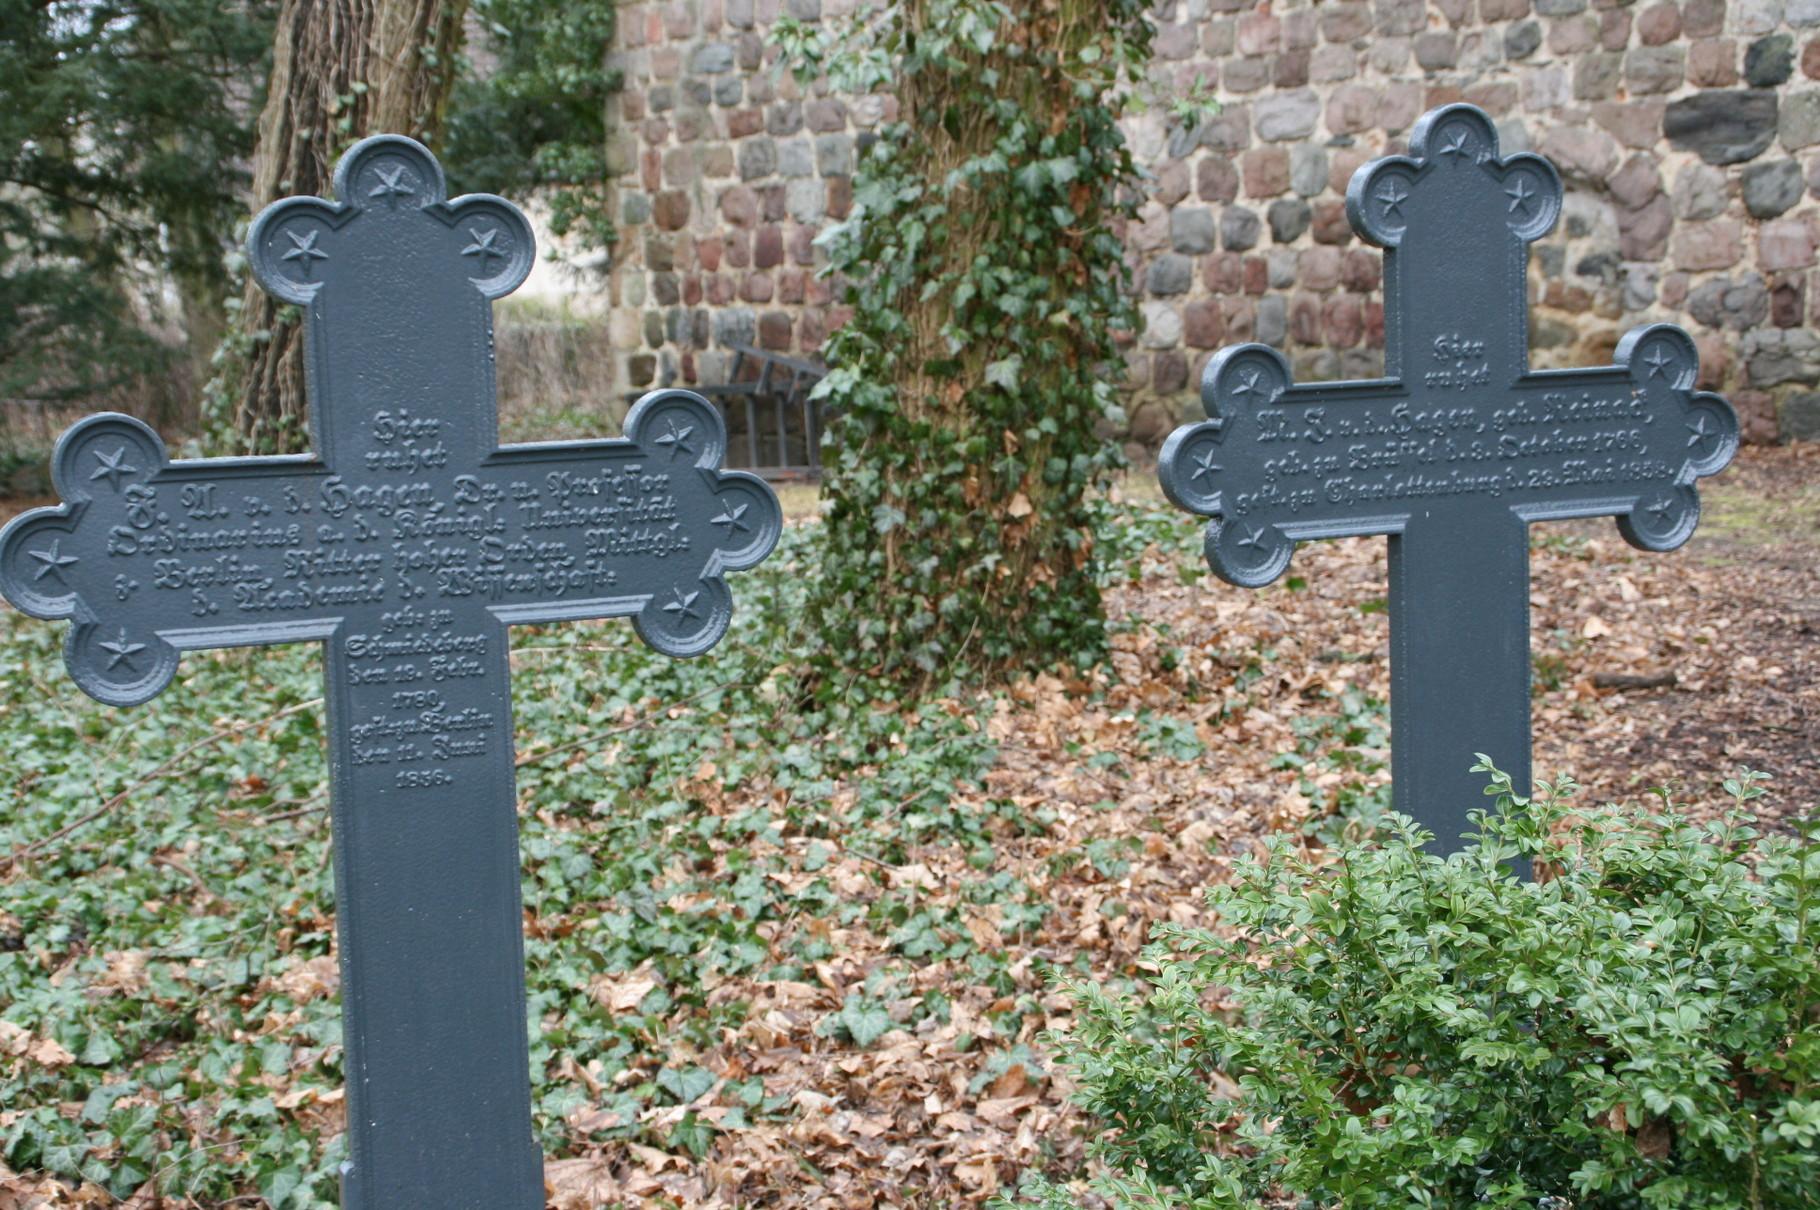 Die Grabkreuze wurden 2011 auf Initiative der Nachfahrin Iren Freifrau von Gall restauriert.